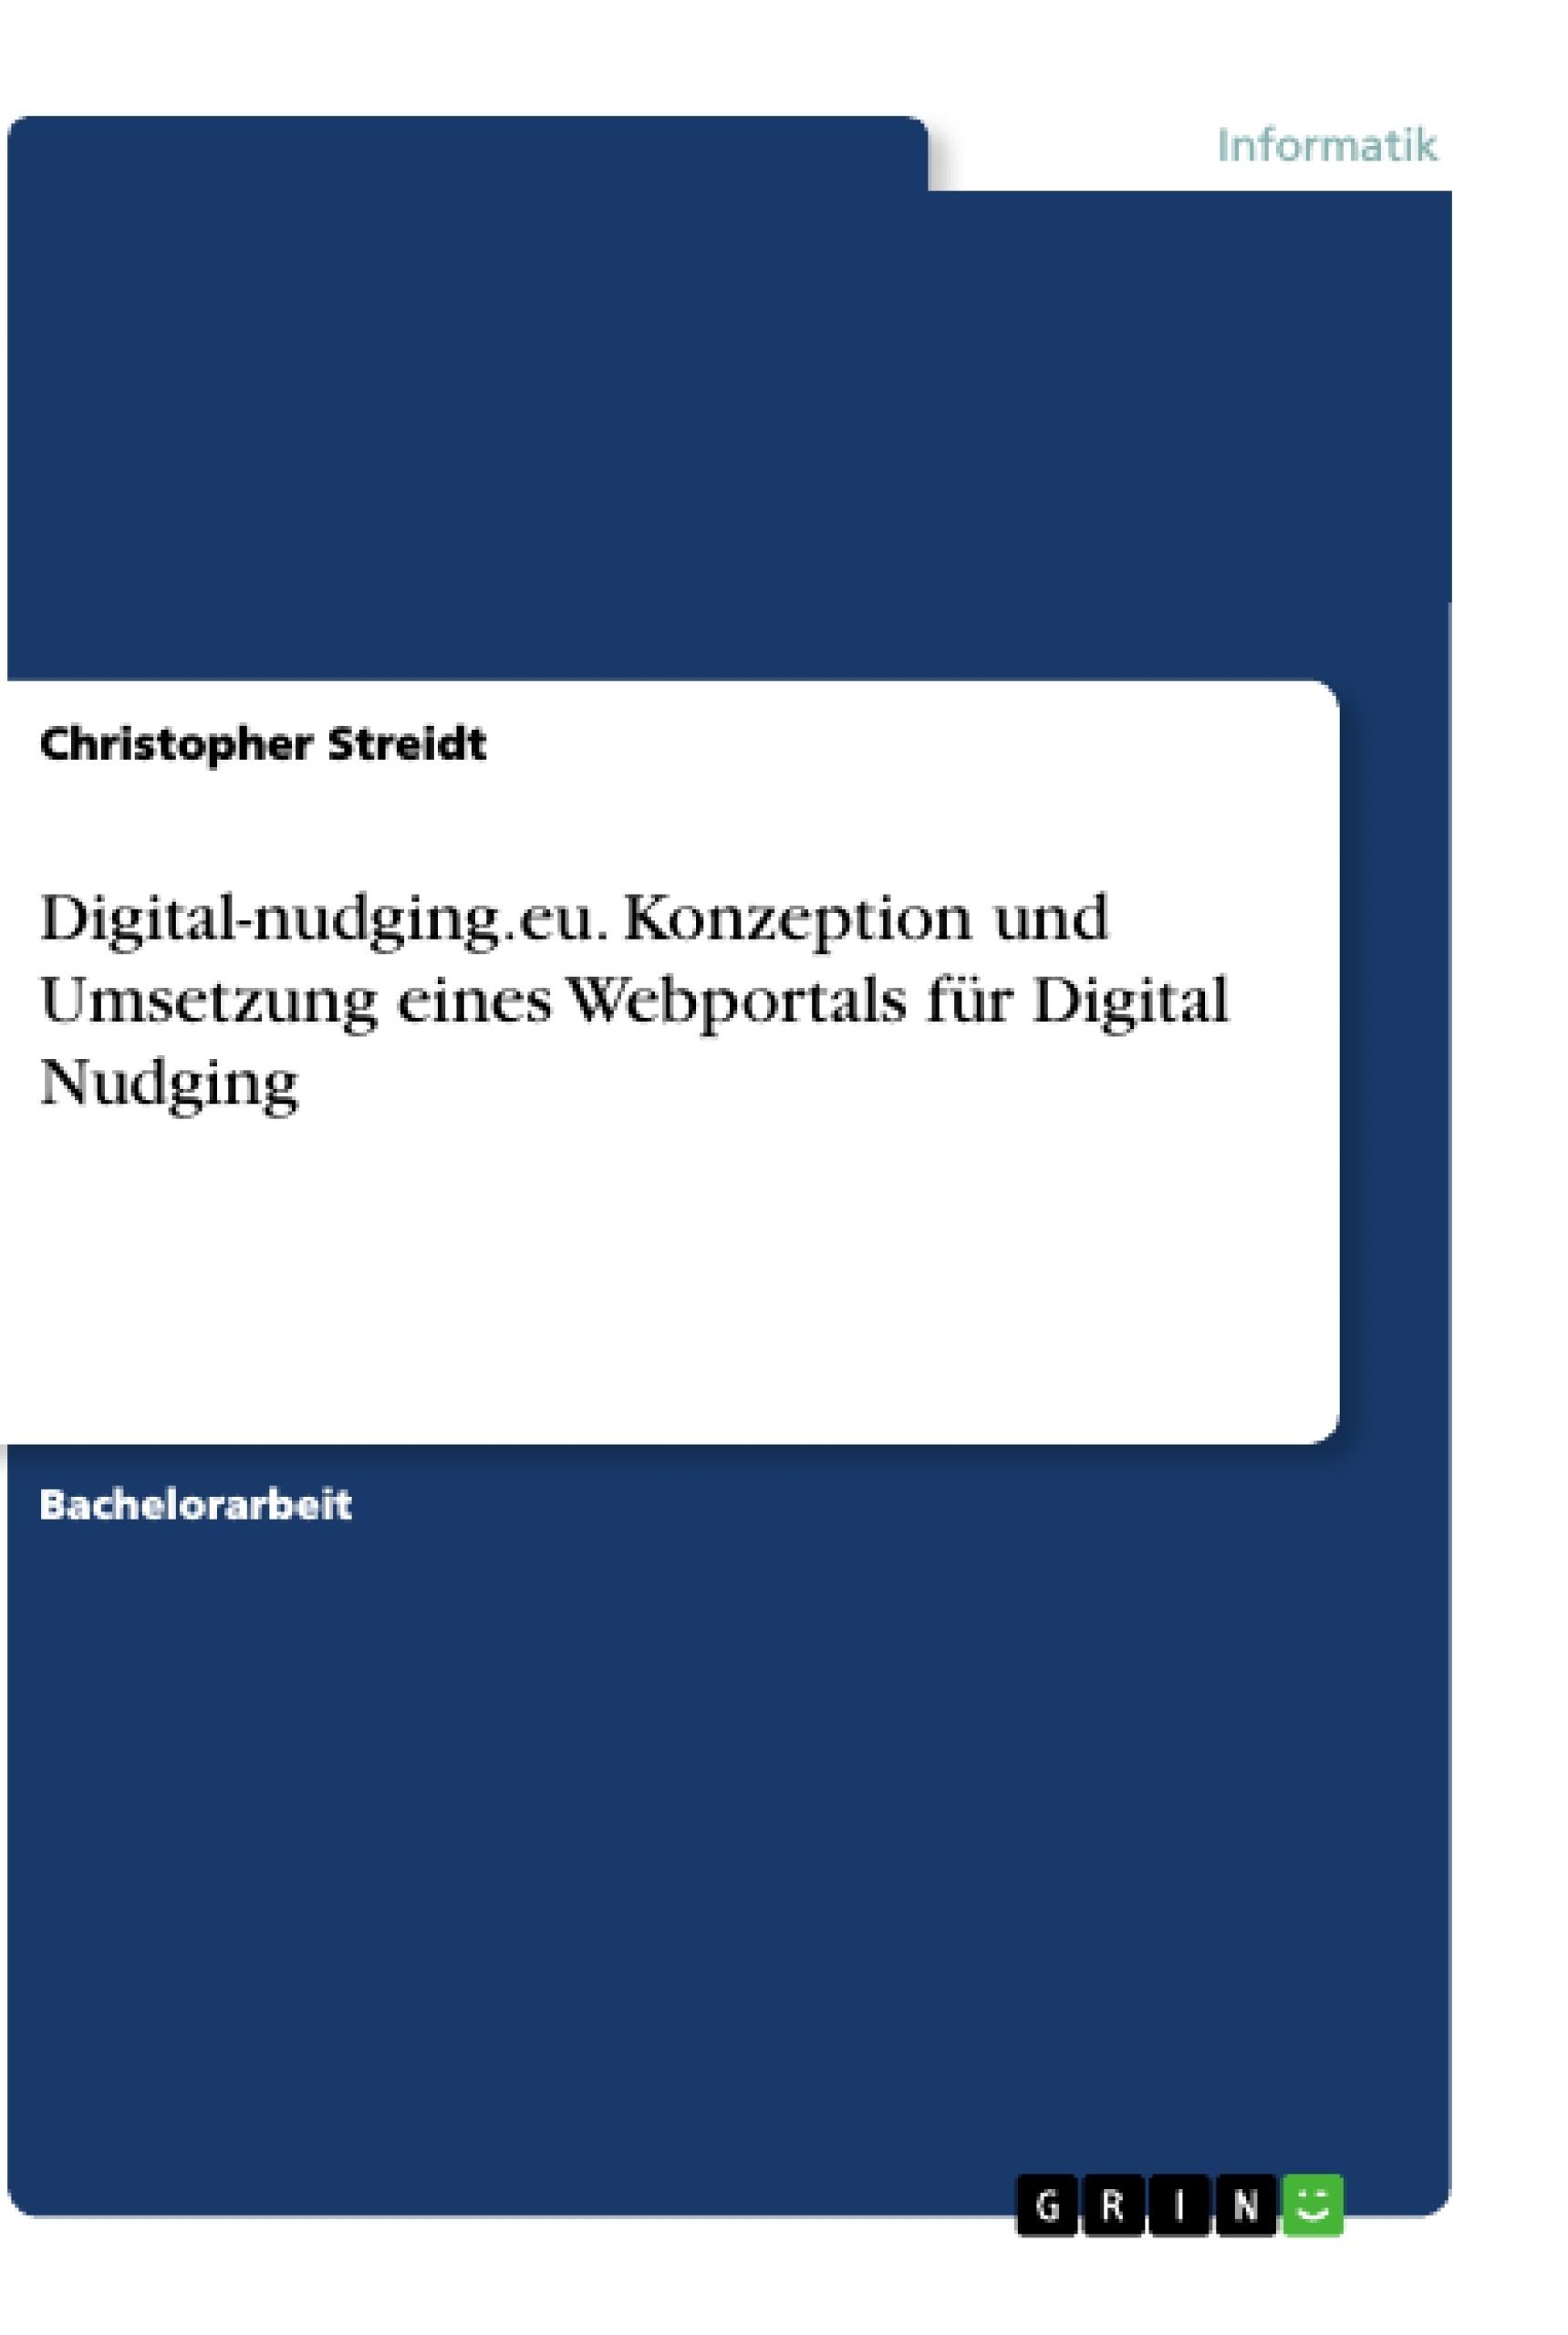 Titel: Digital-nudging.eu. Konzeption und Umsetzung eines Webportals für Digital Nudging